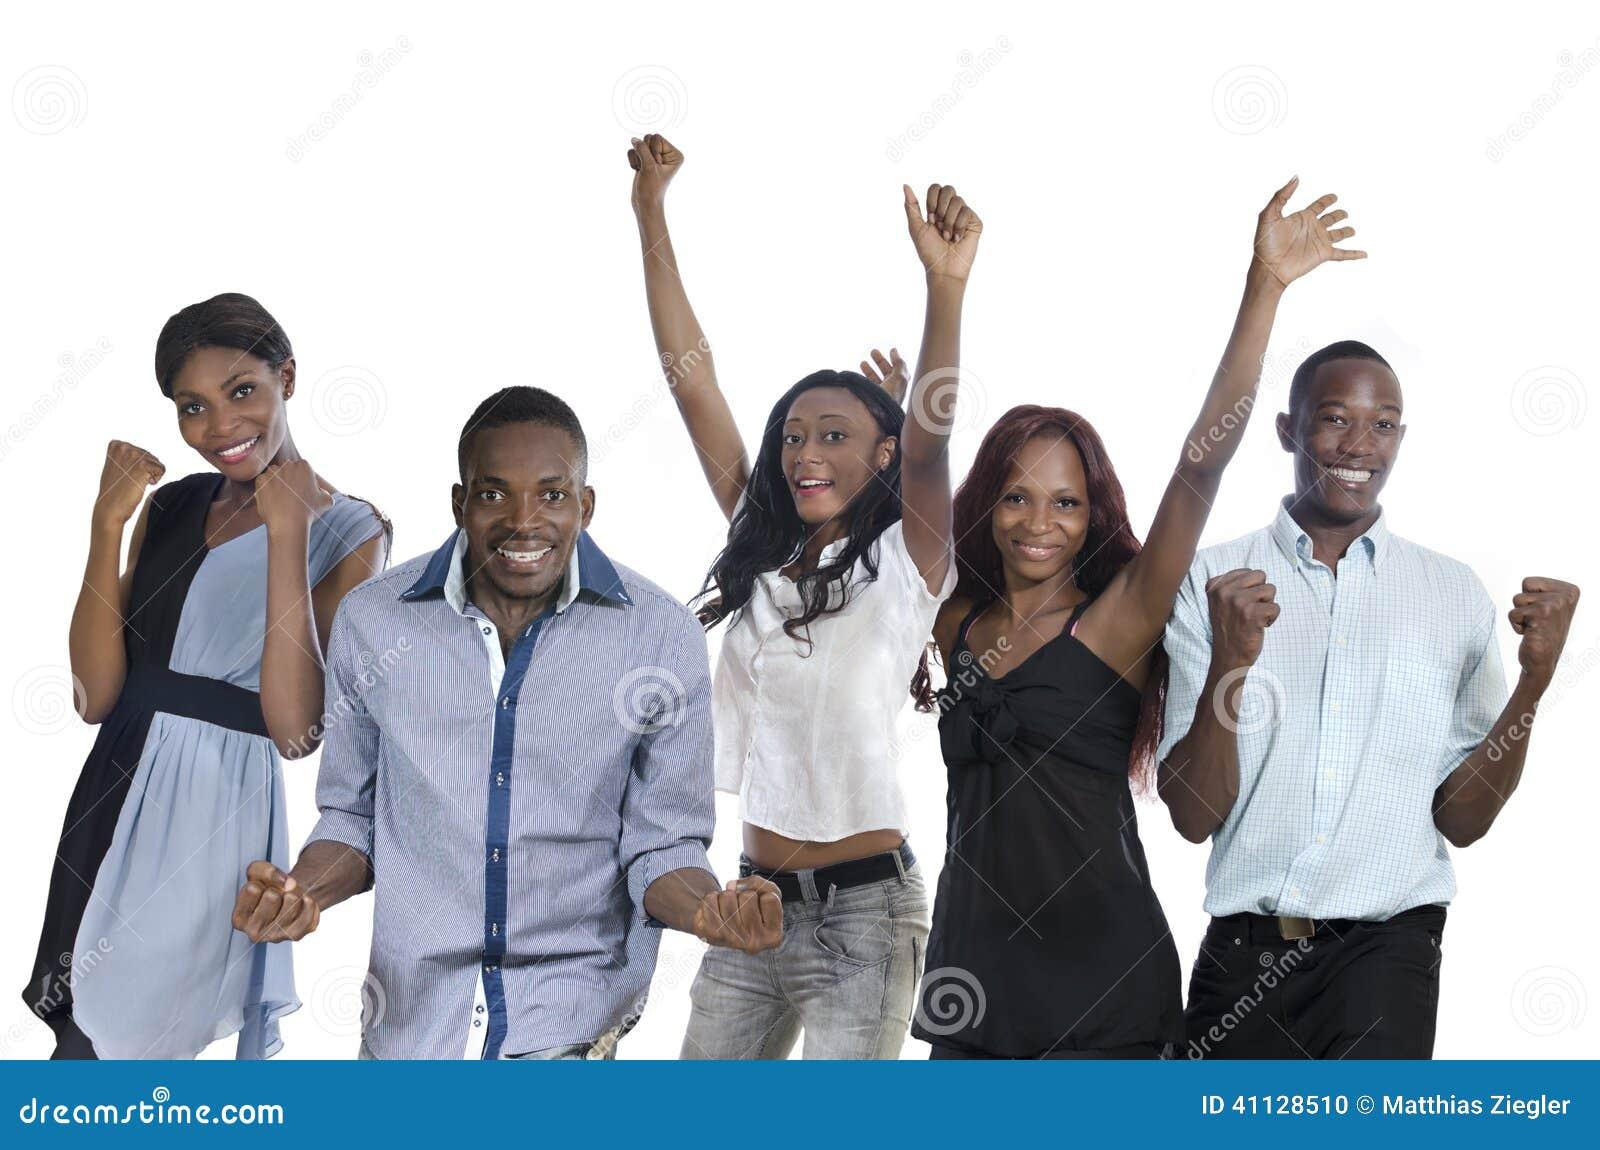 five-happy-african-people-cheering-studi